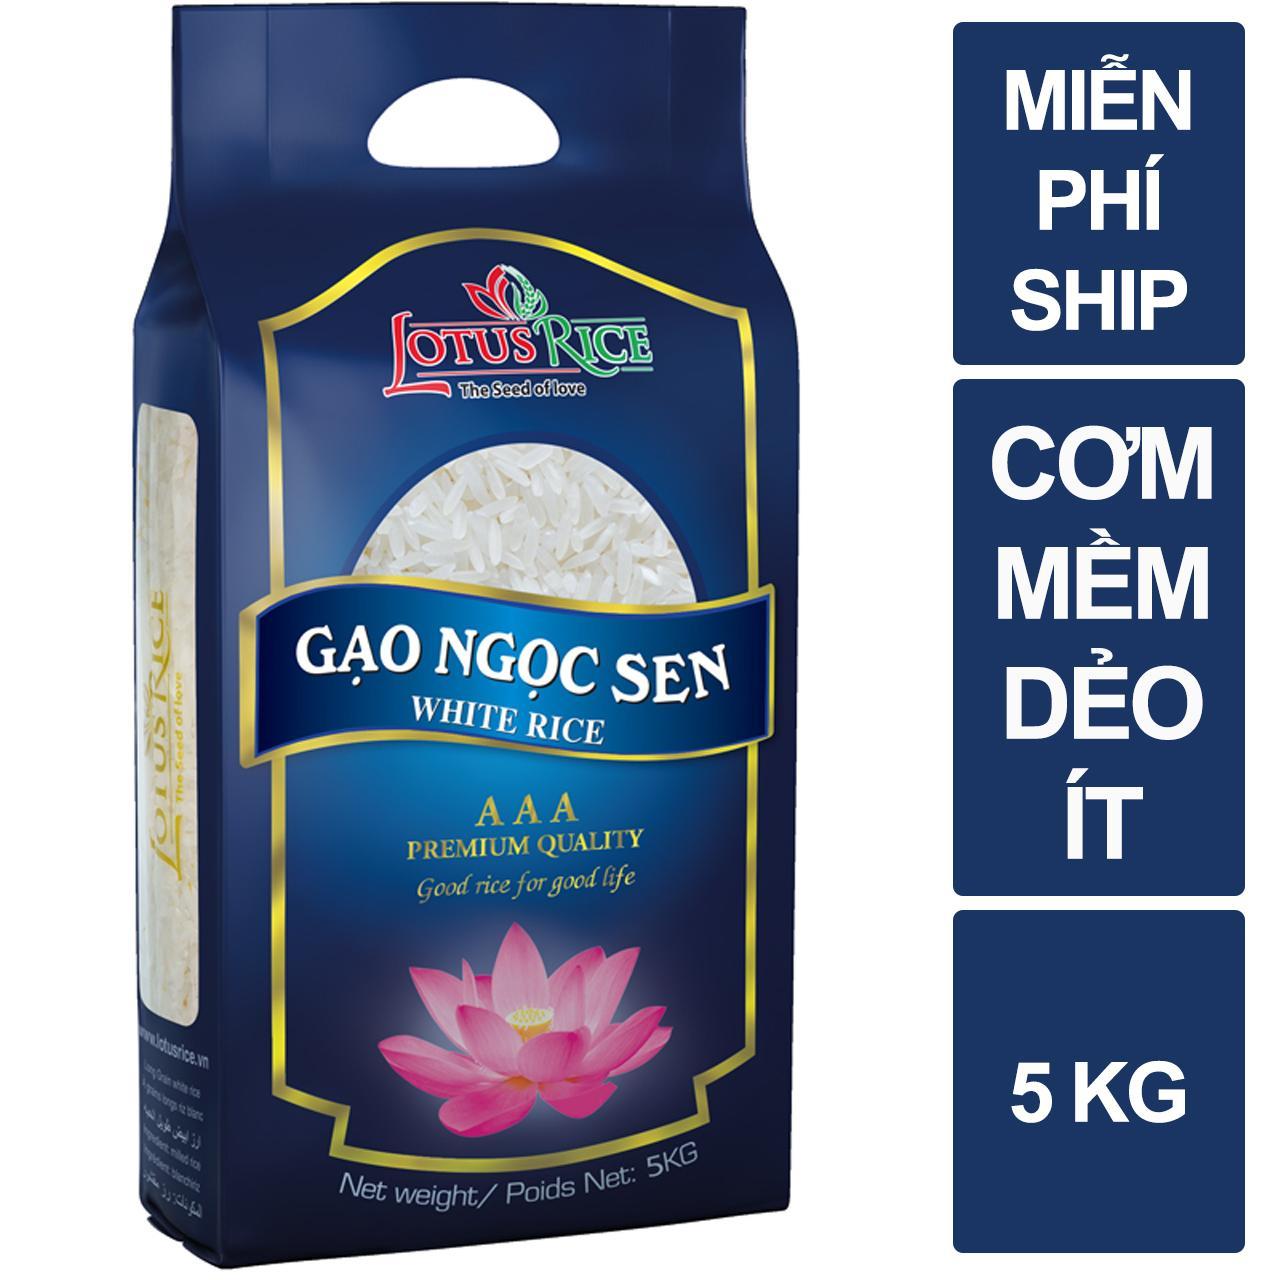 Gạo Ngọc Sen Lotus Rice 5kg - Chuẩn Xuất Khẩu Với Giá Sốc